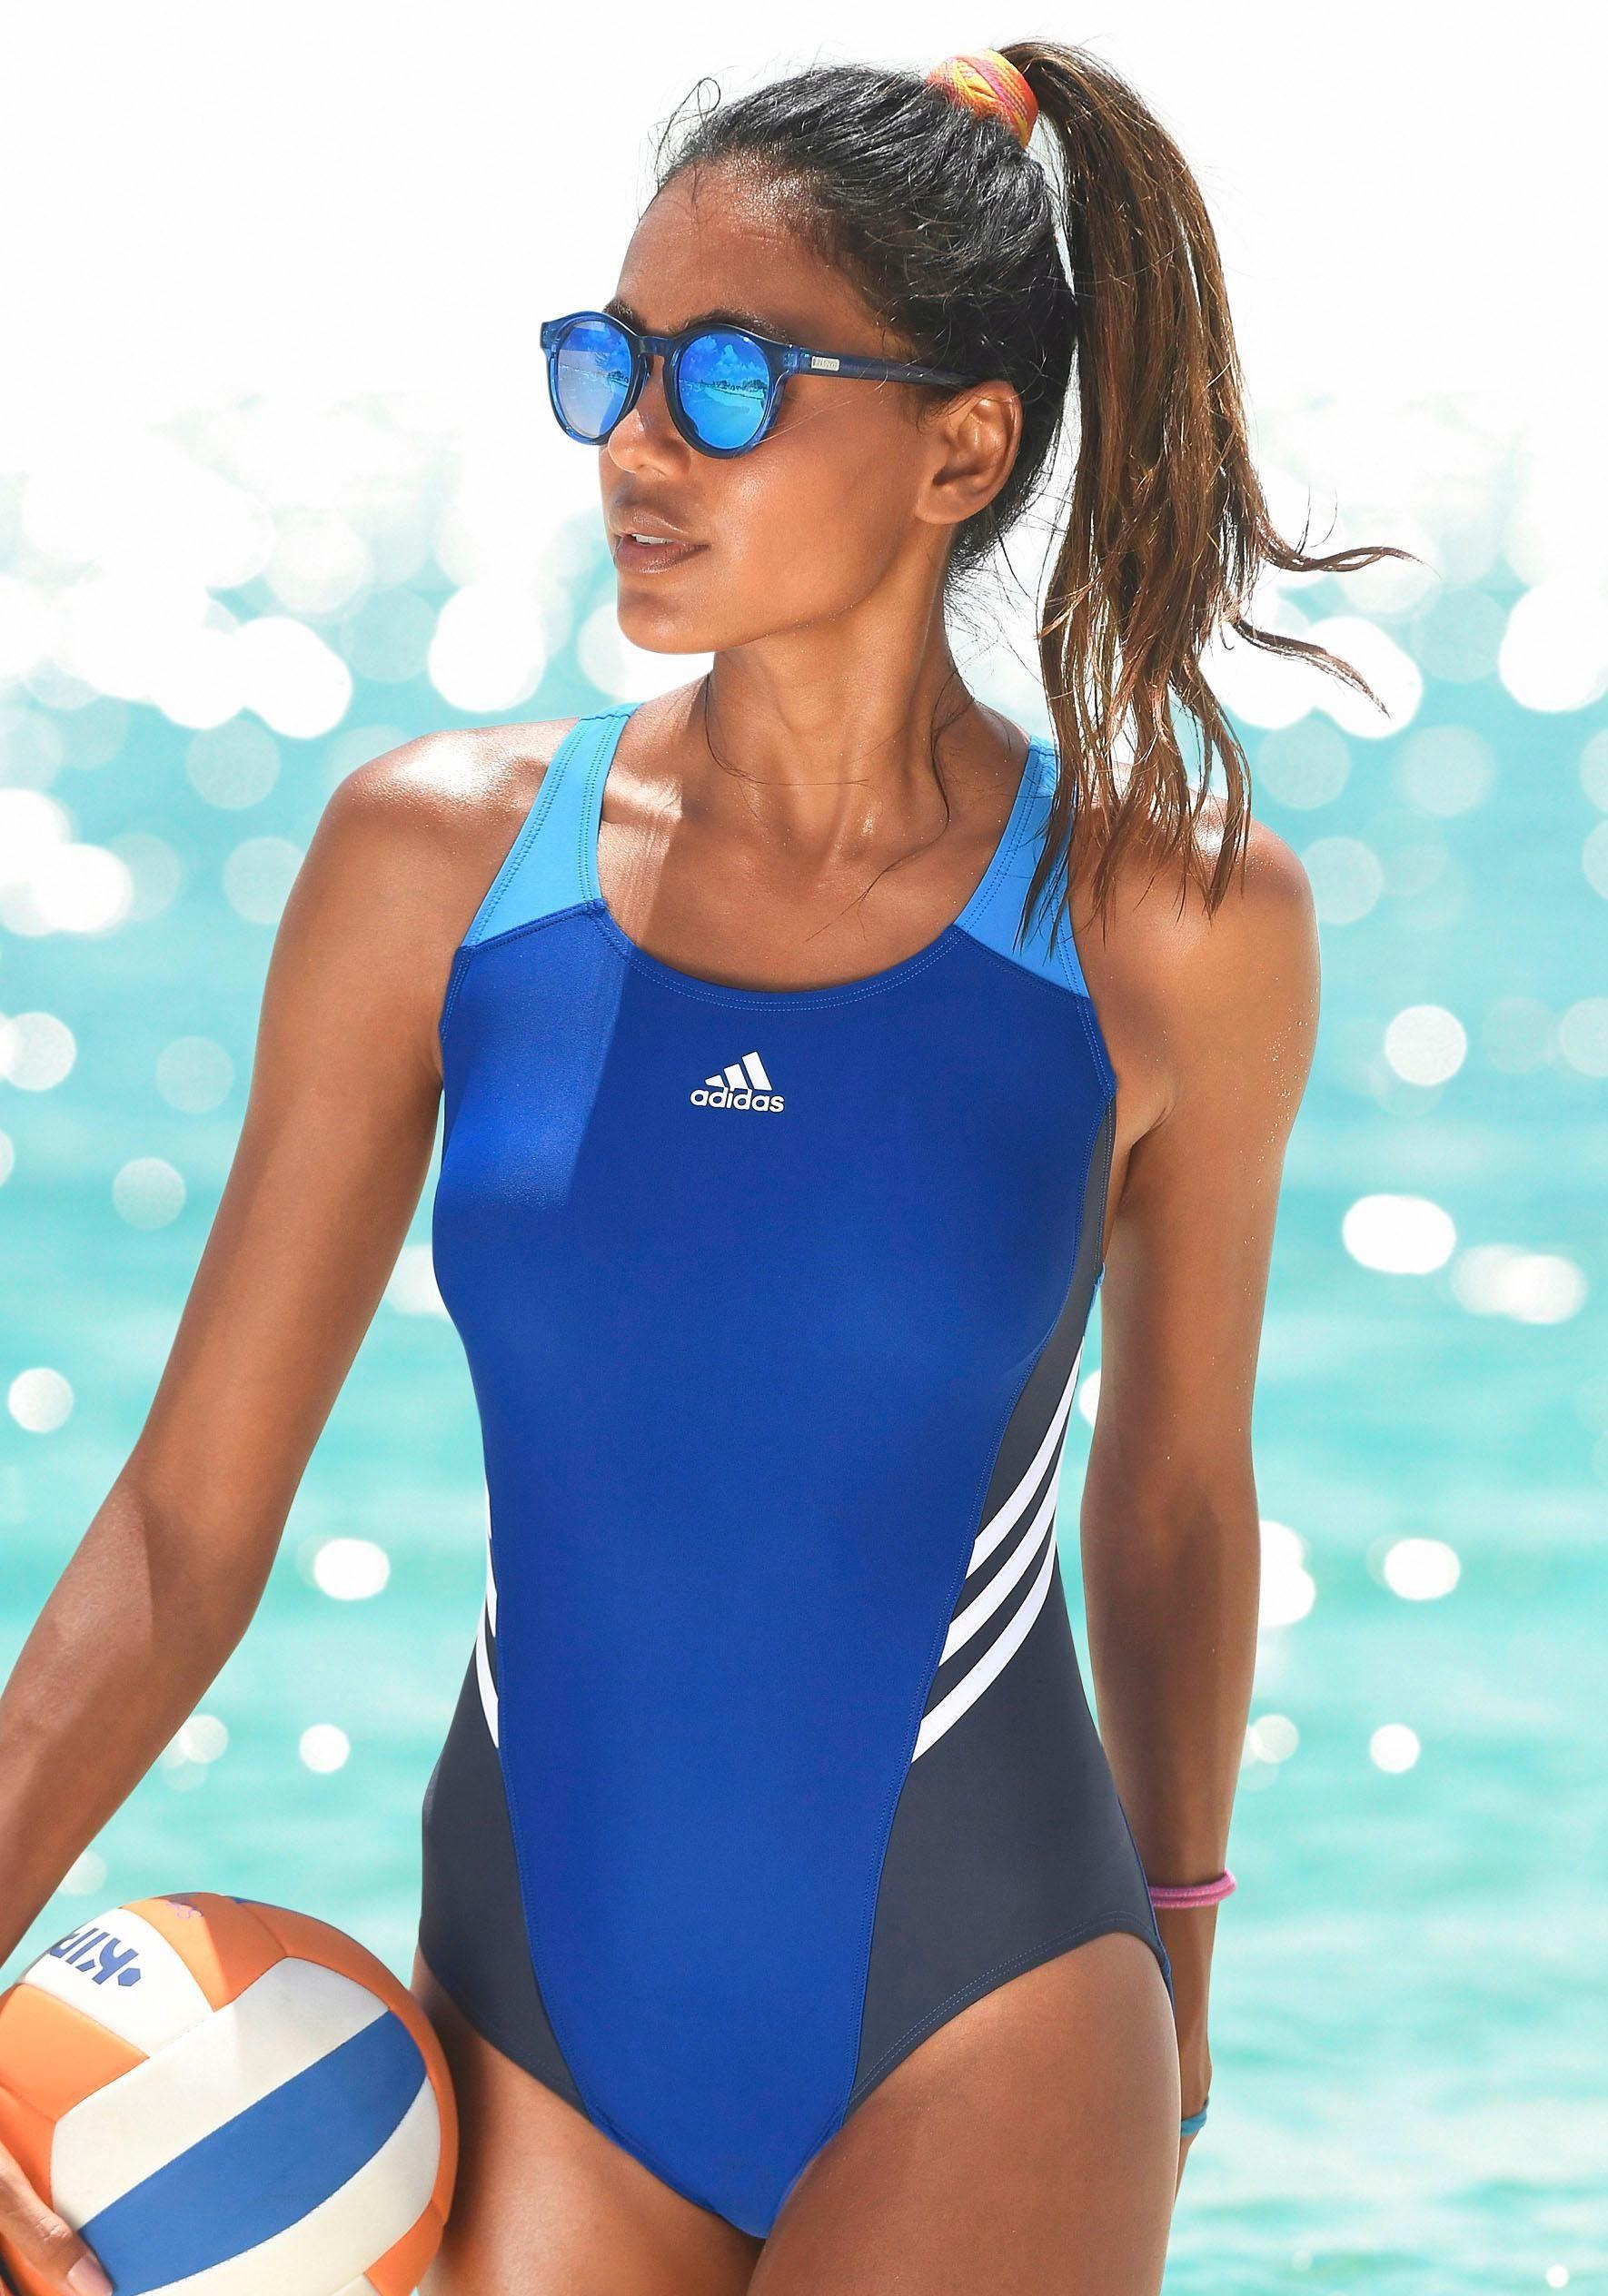 adidas Damen Bademode online kaufen | OTTO